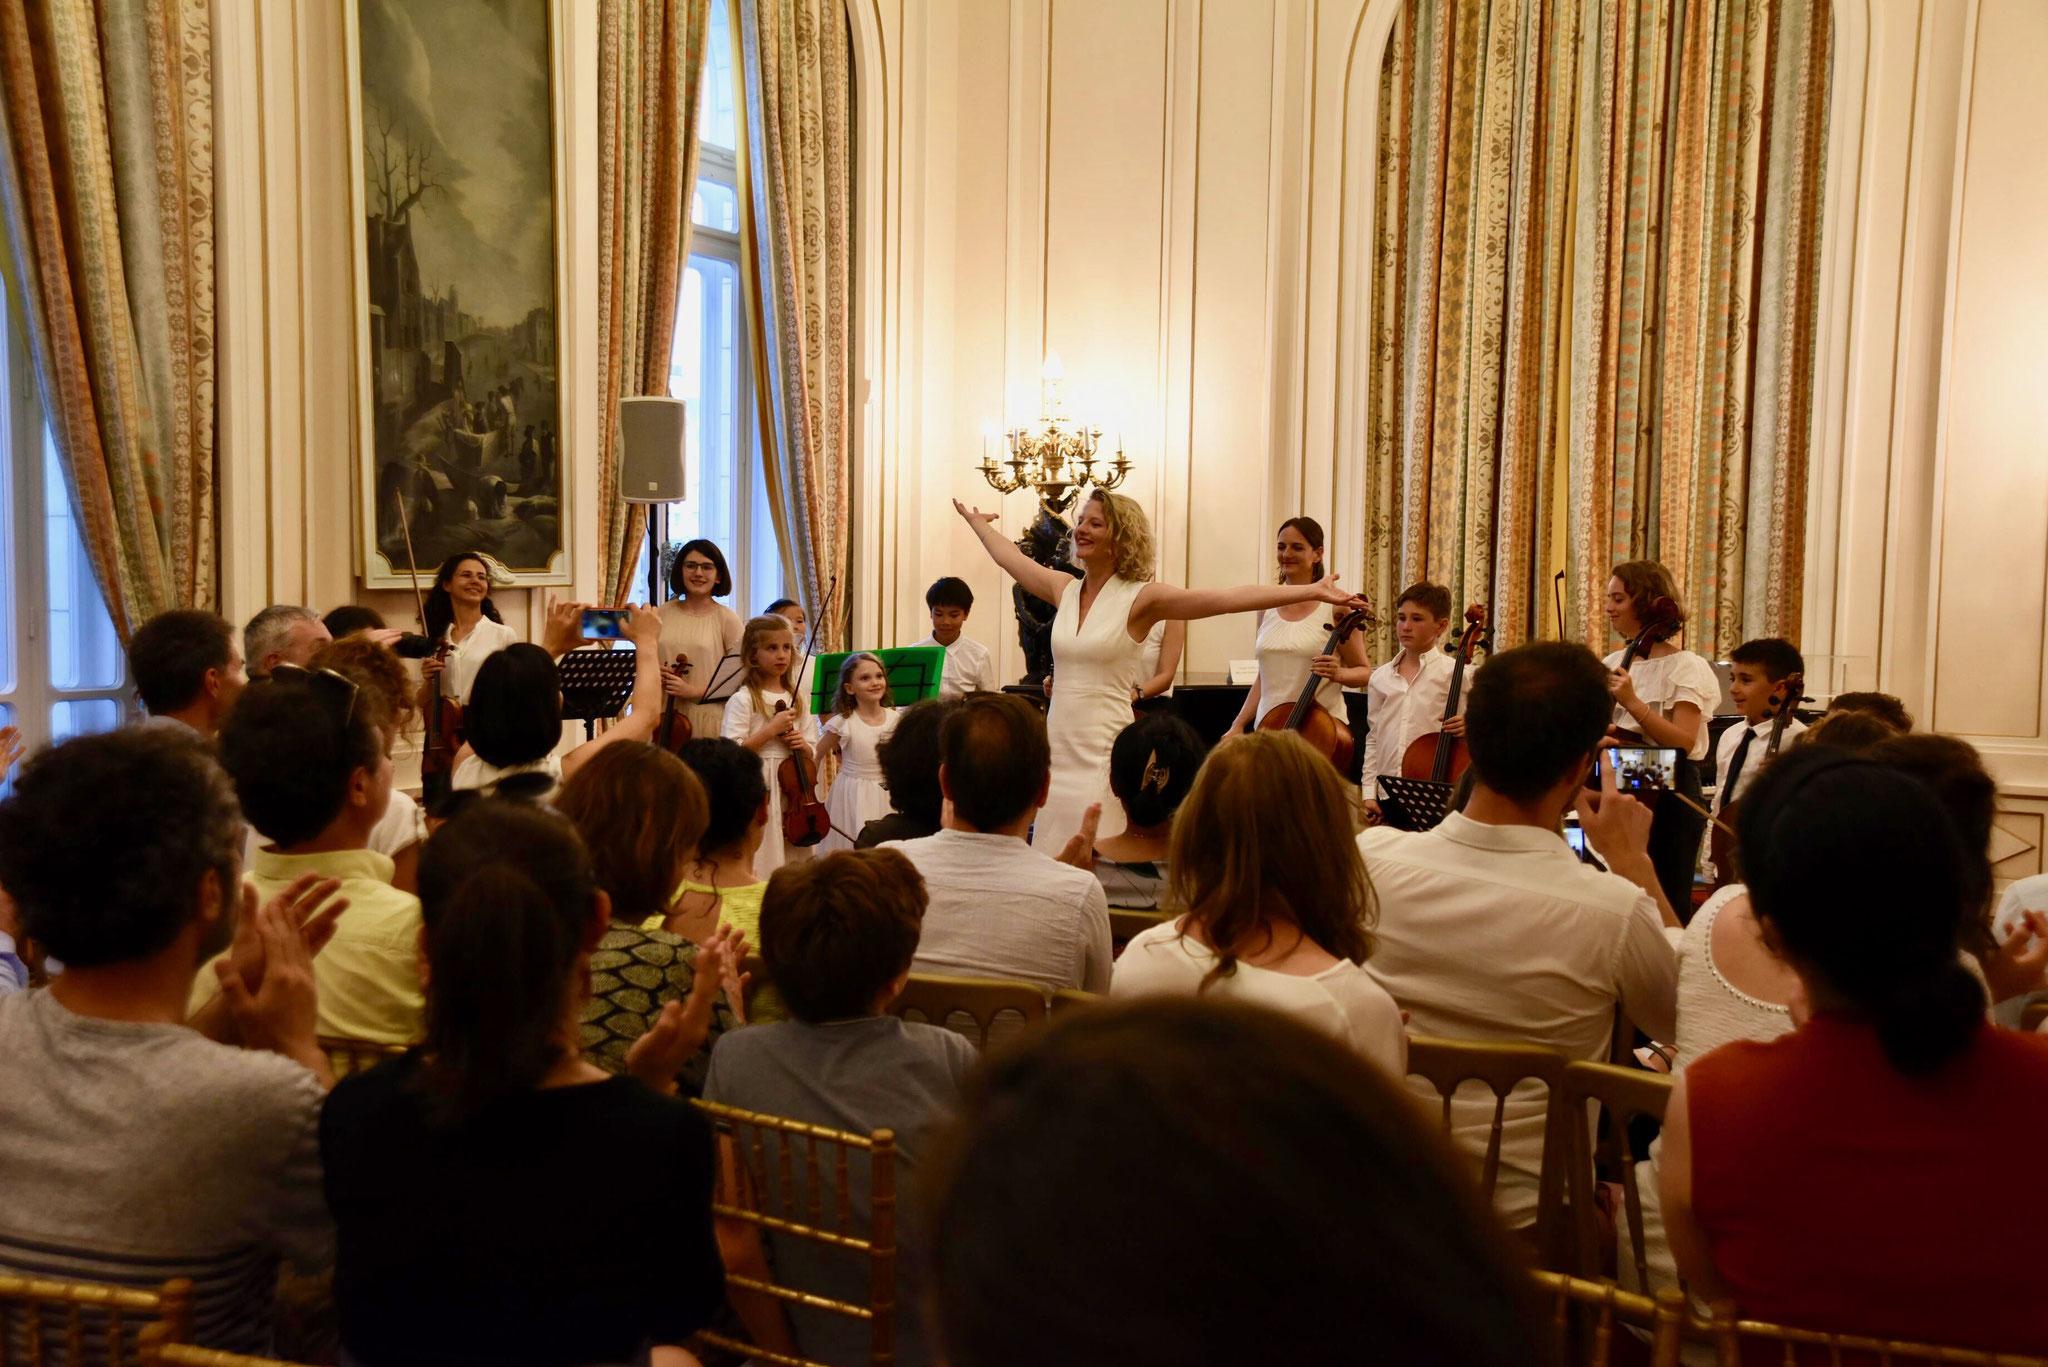 Nebl, Musikschulkonzert in der Französischen Botschaft